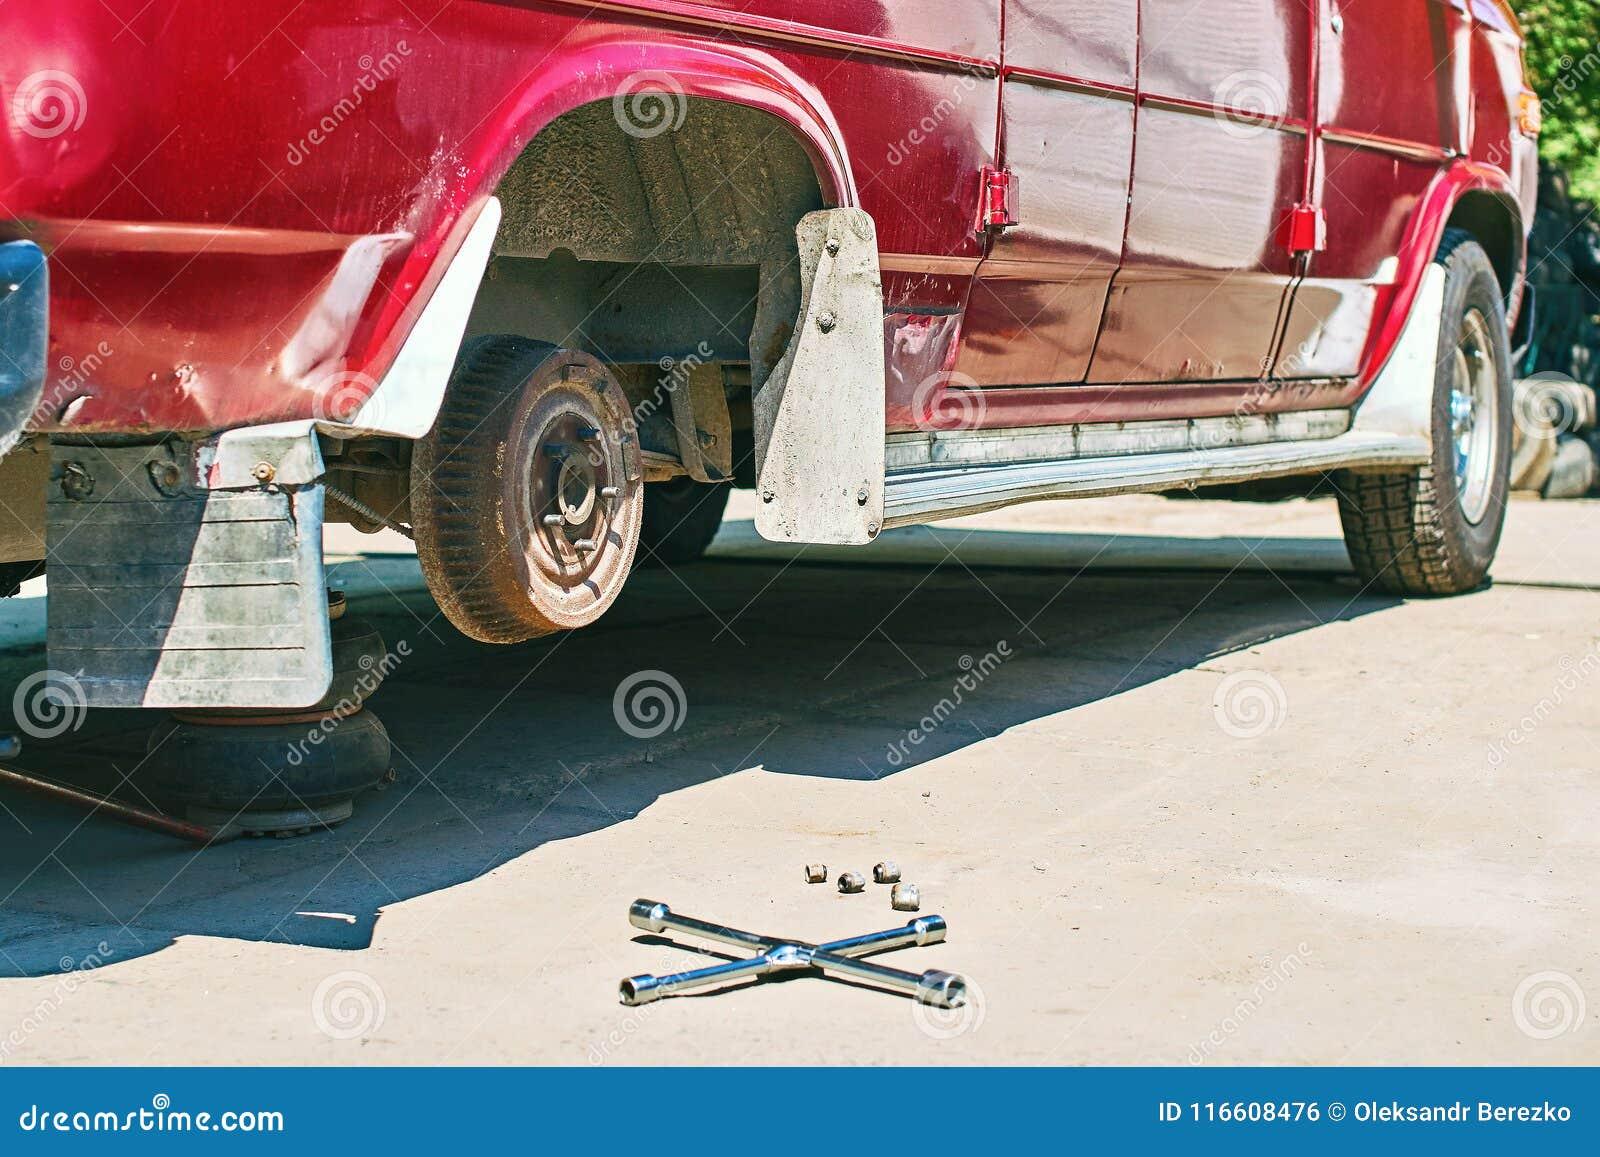 Изменять колесо или автошину на старом винтажном красном фургоне на внешнем обслуживании автомобиля